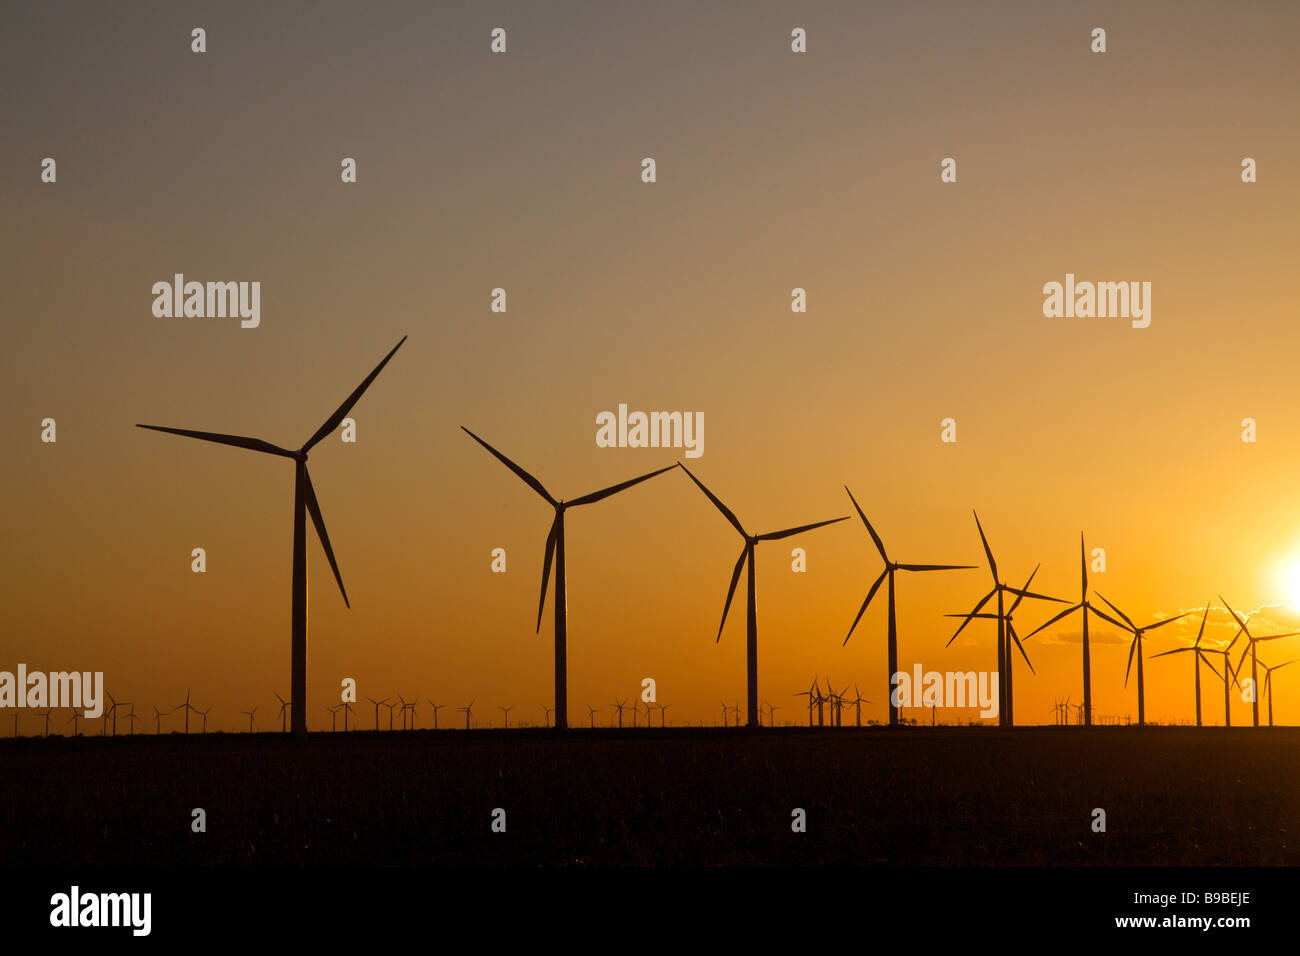 Las turbinas eólicas generadoras de electricidad en Horse Hollow Wind Farm Nolan en Sunset de Texas. Imagen De Stock